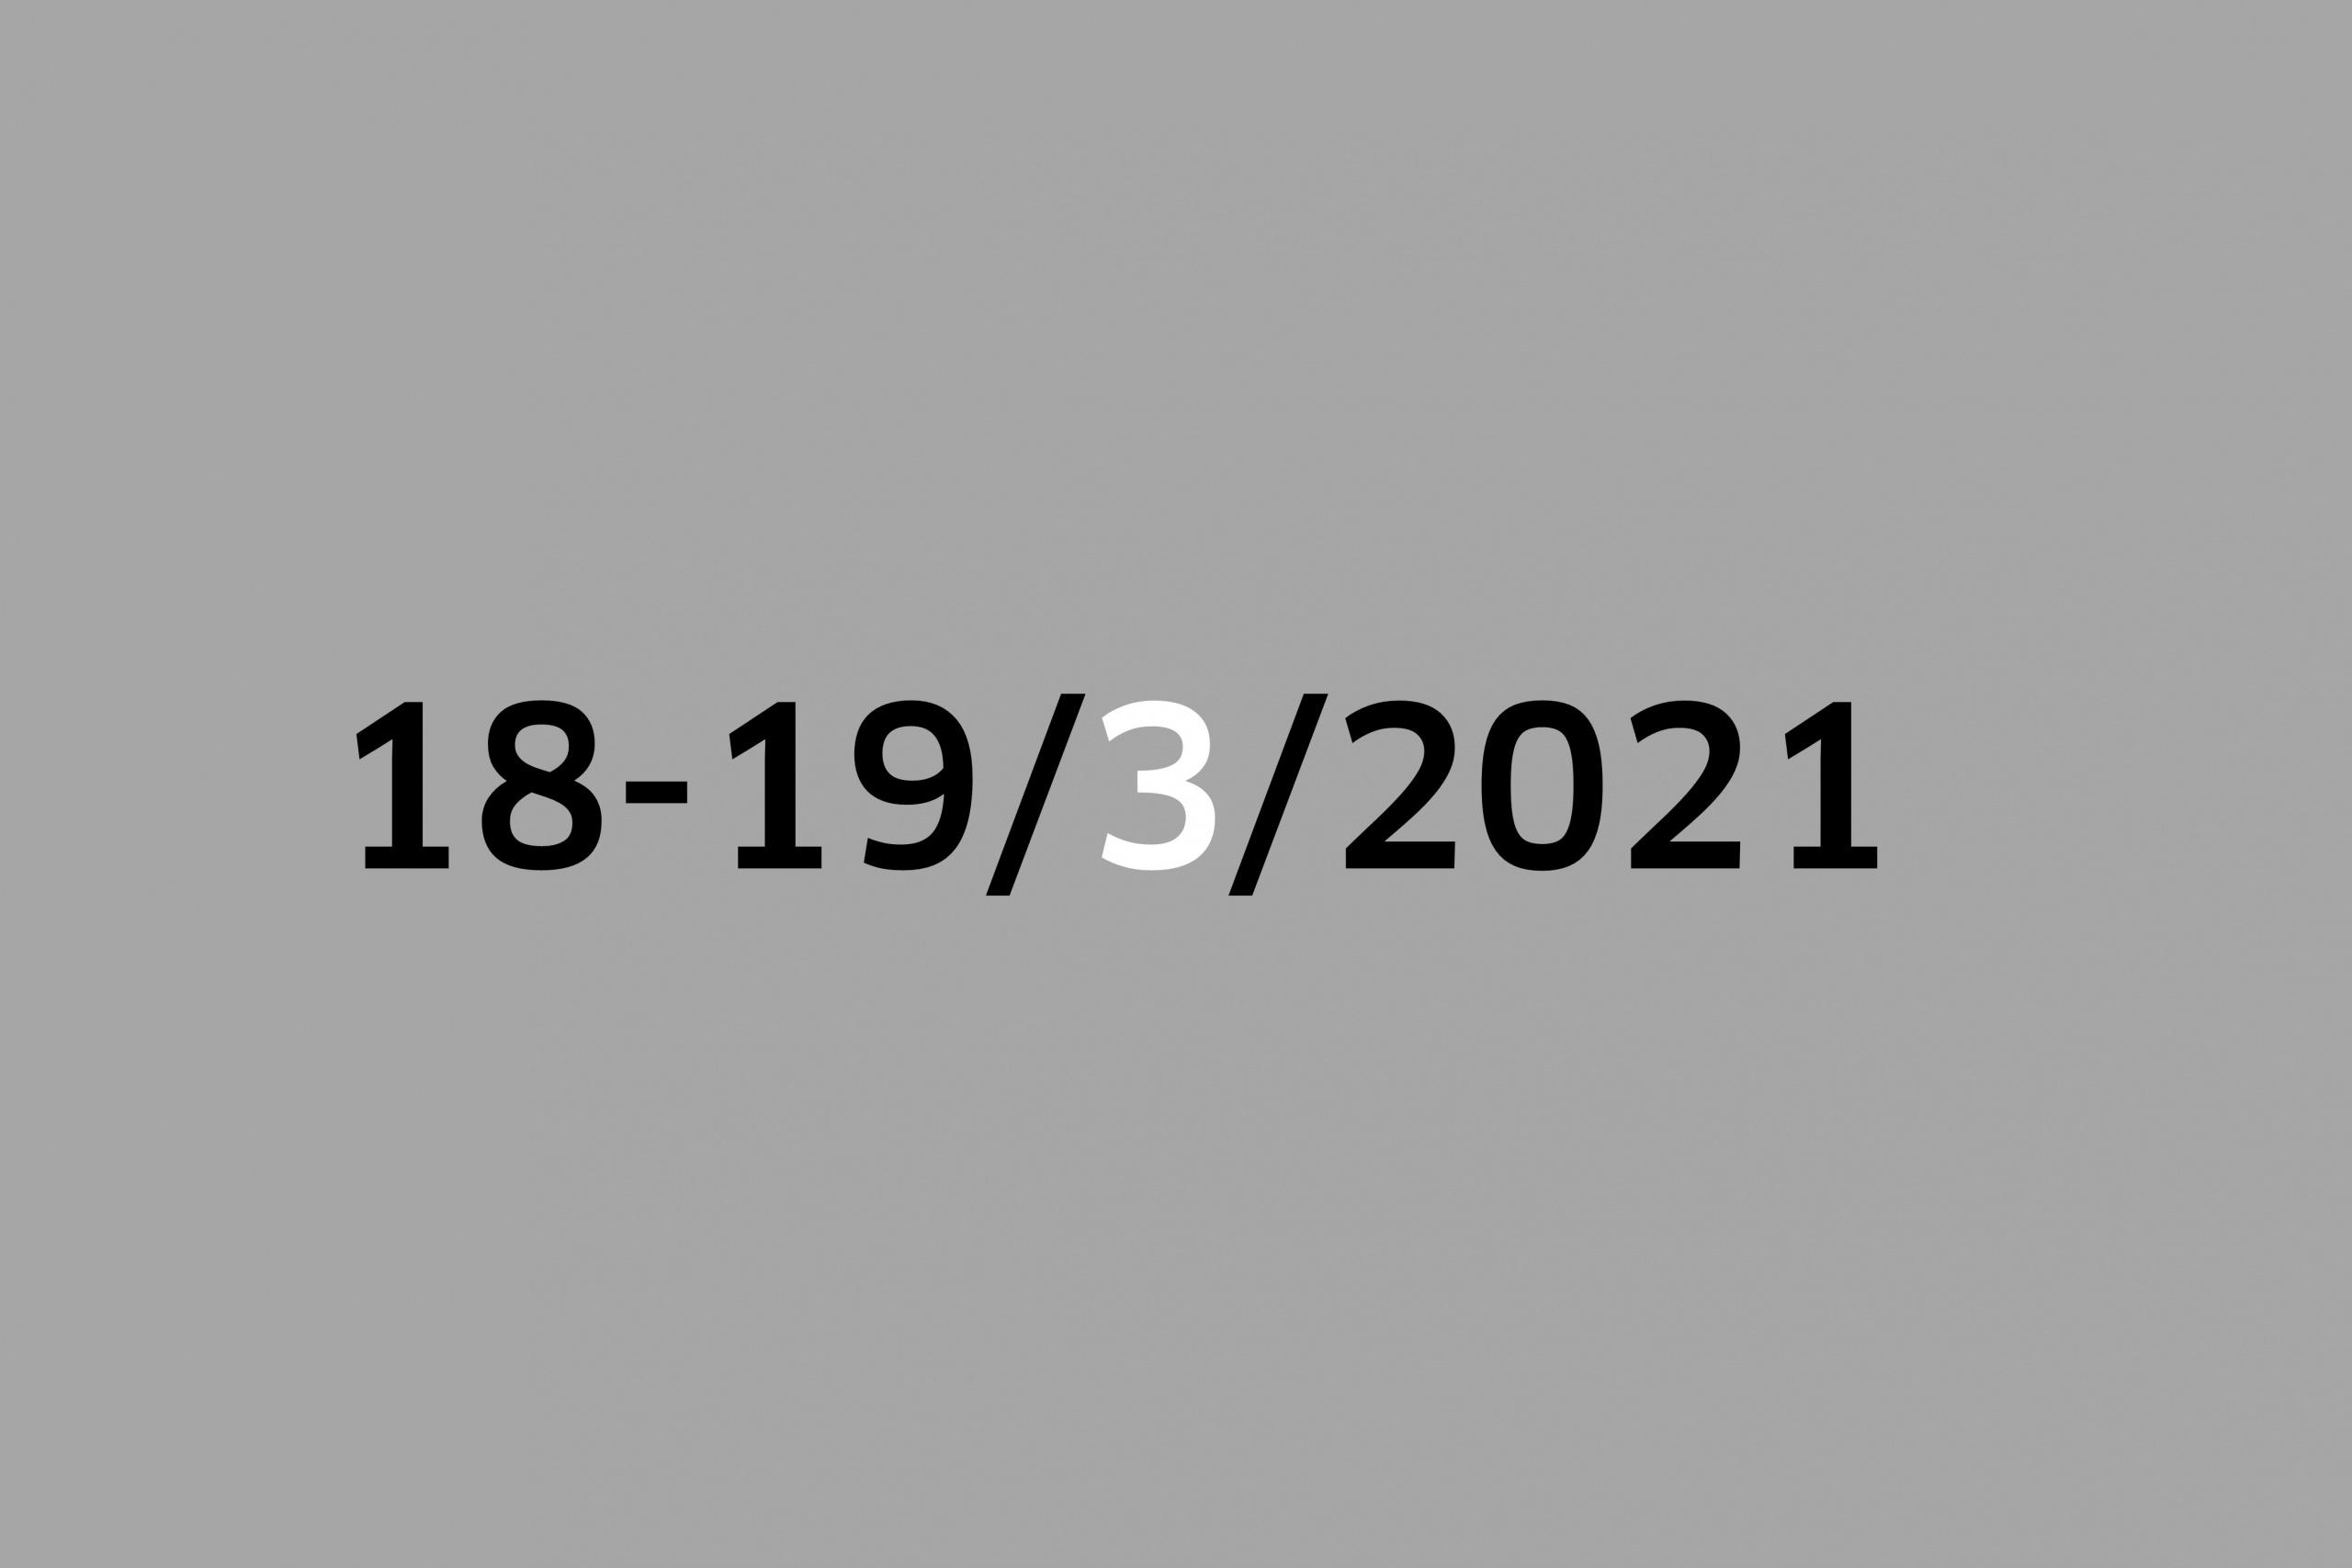 Studio 18-19/3/2021